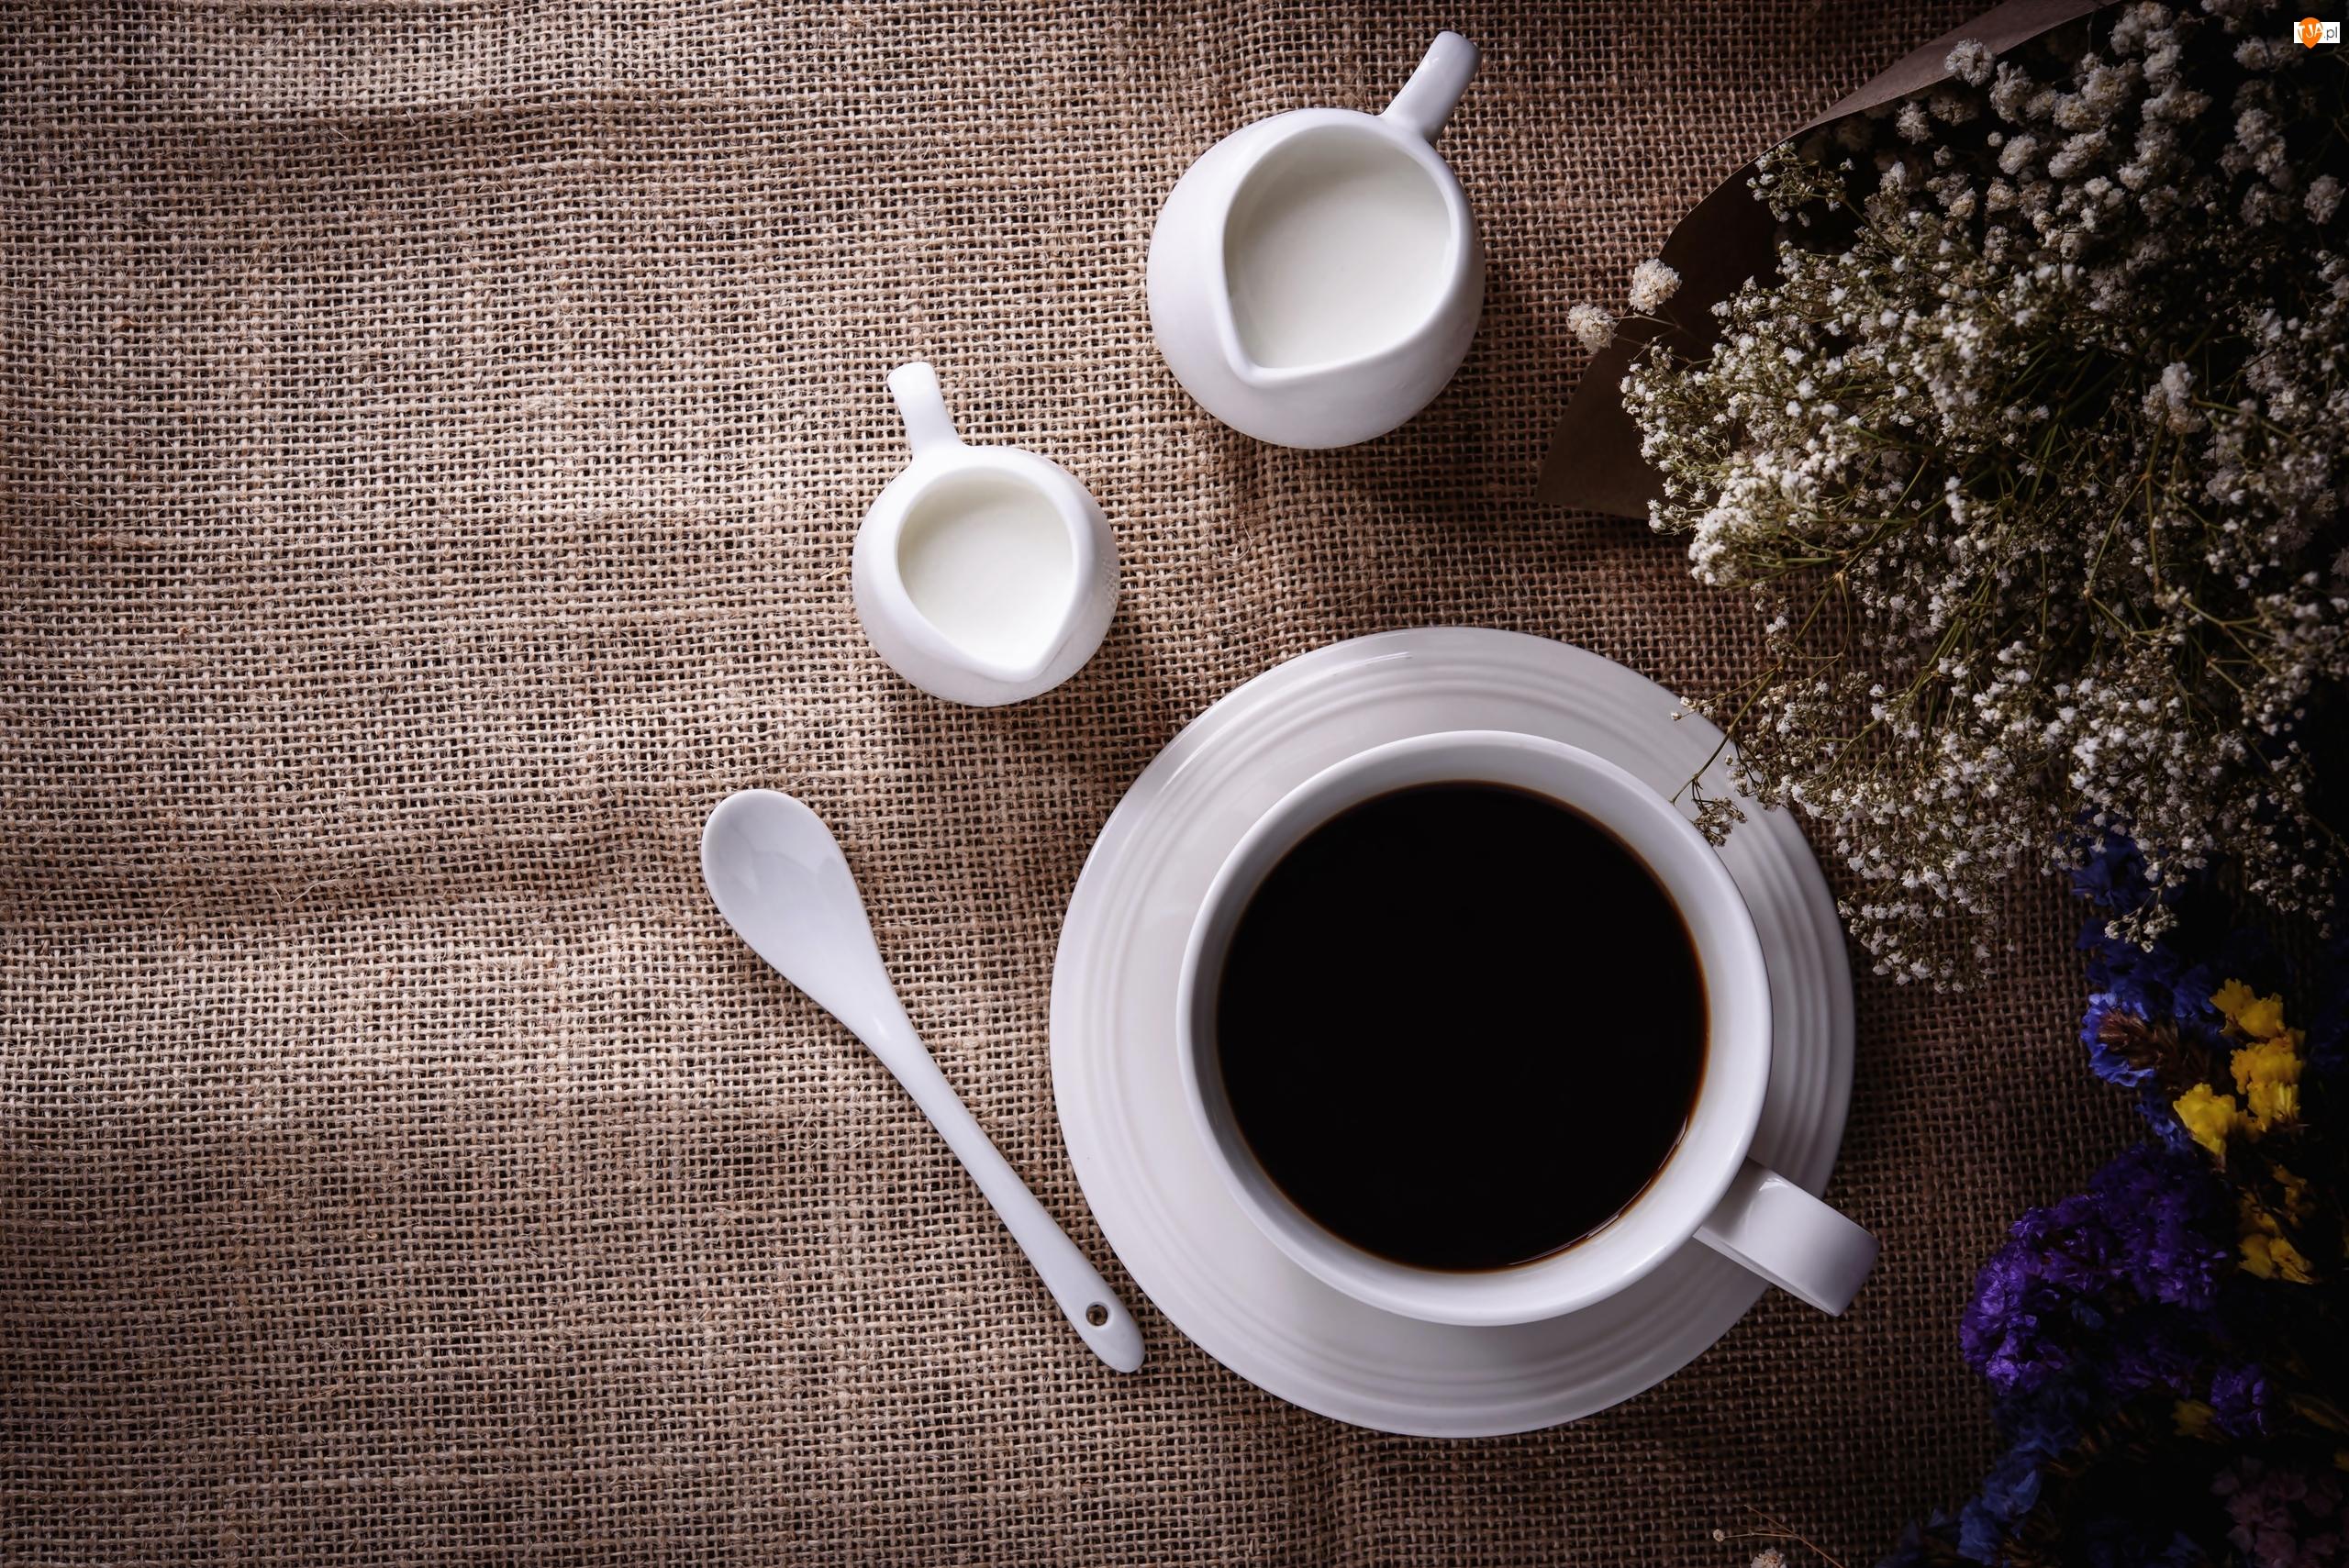 Dzbanuszki, Kwiaty, Filiżanka, Kawa, Mleko